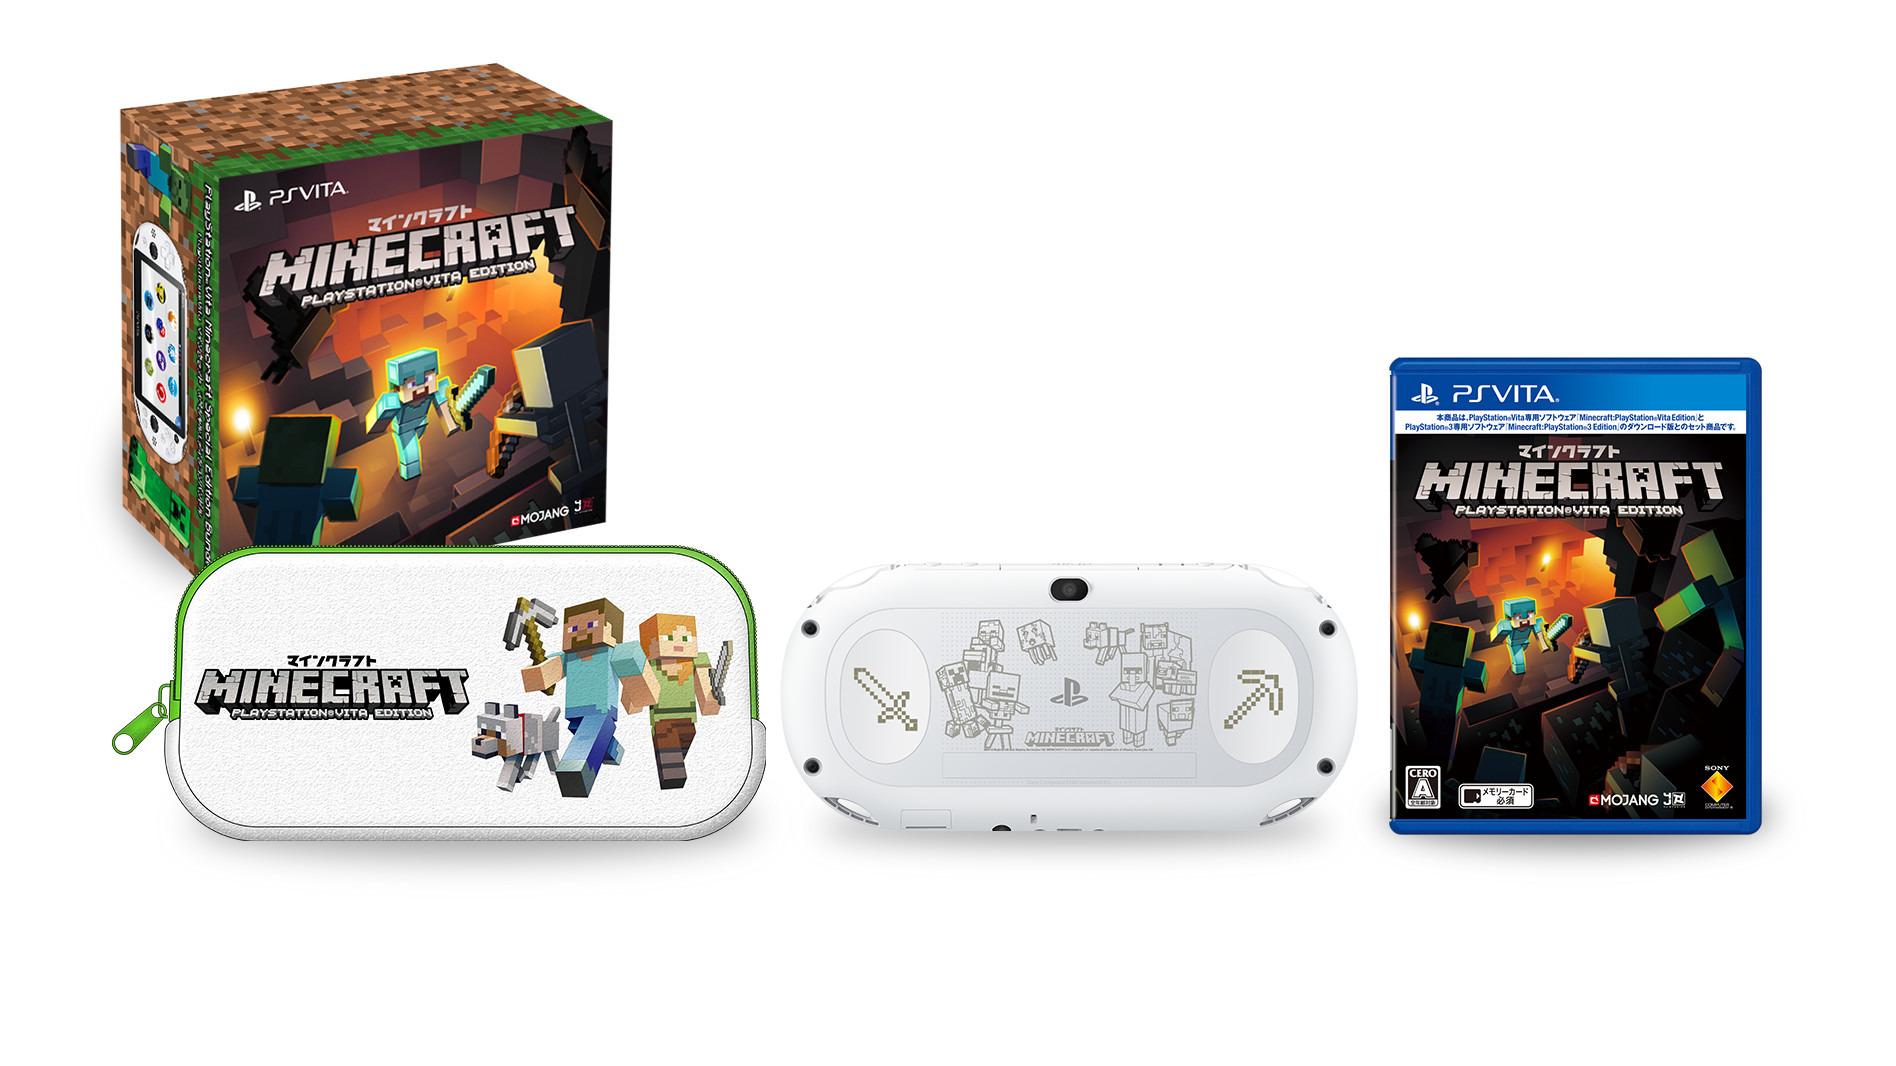 Minecraft PS Vita Models Announced For Japan Gematsu - Minecraft spiele fur ps vita